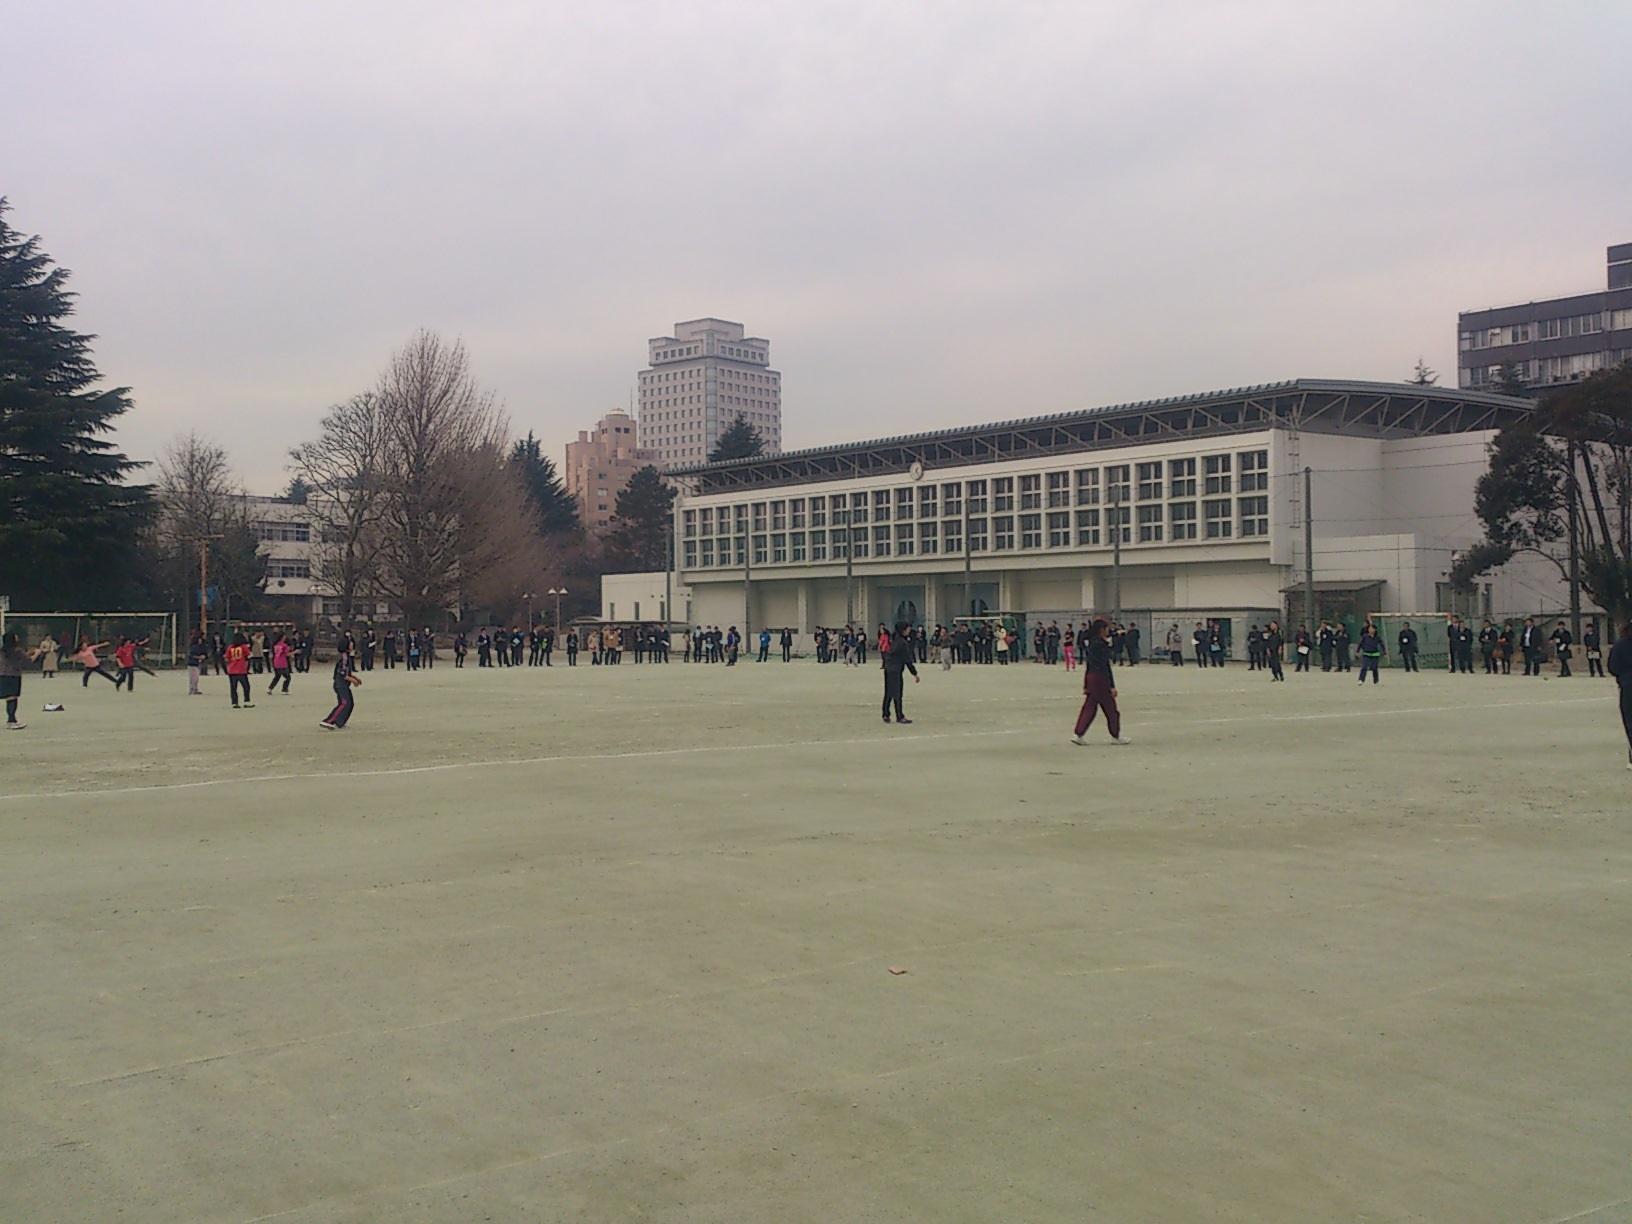 グラウンドで行われた高校の授業。ソフトボールを遠くに投げているところ。